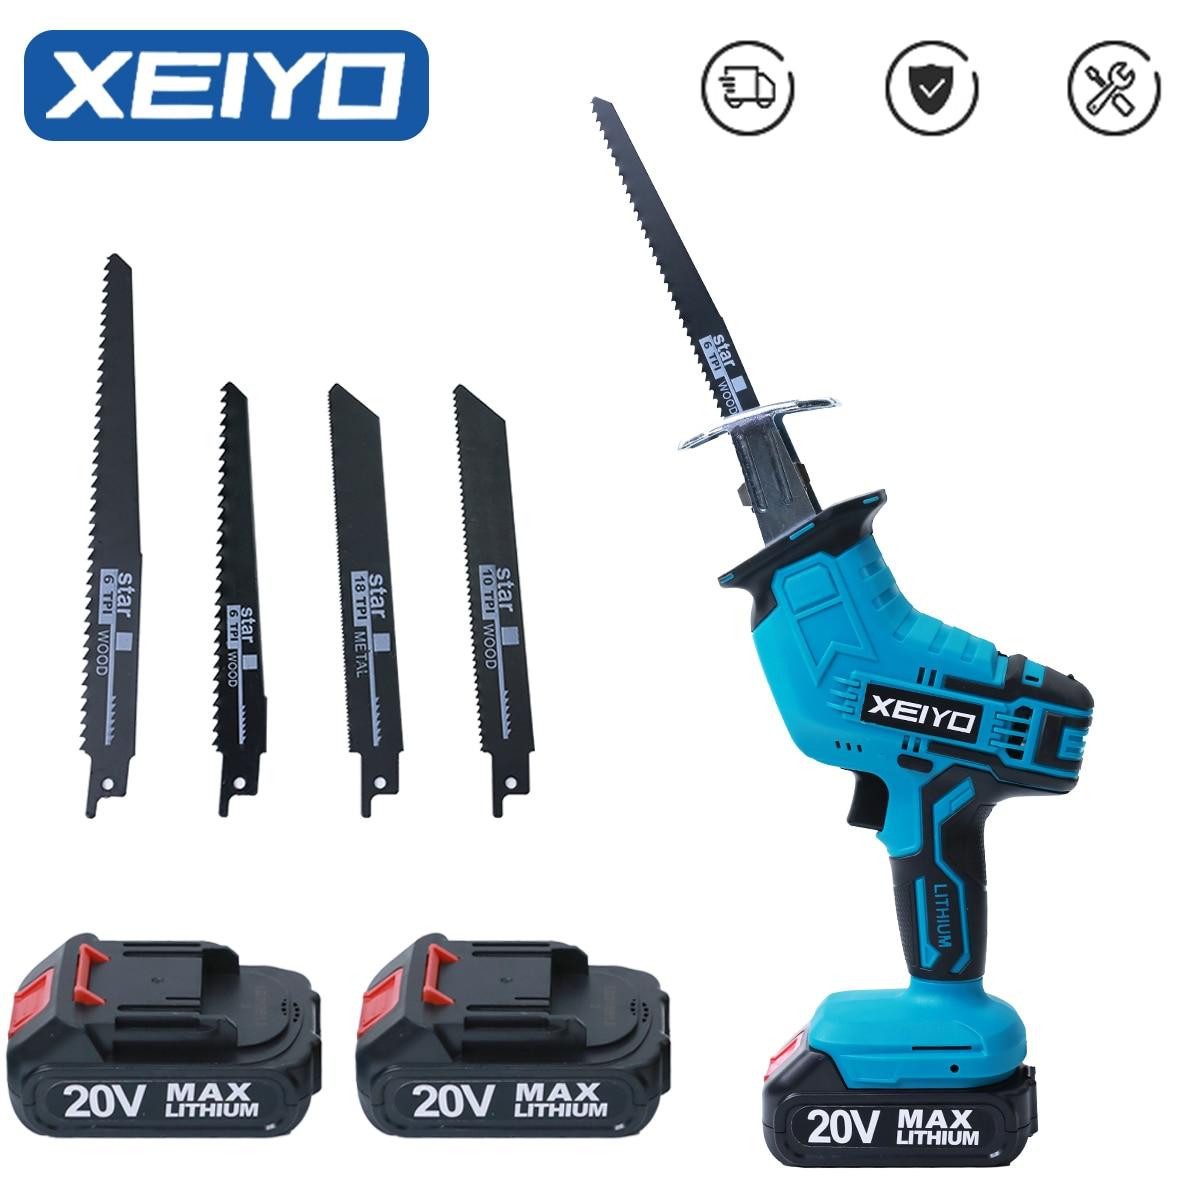 Сабельная пила XEIYO аккумуляторная электрическая, мини-пила с возвратно-поступательными аккумуляторами, резак для дерева, триммер, сучкорез